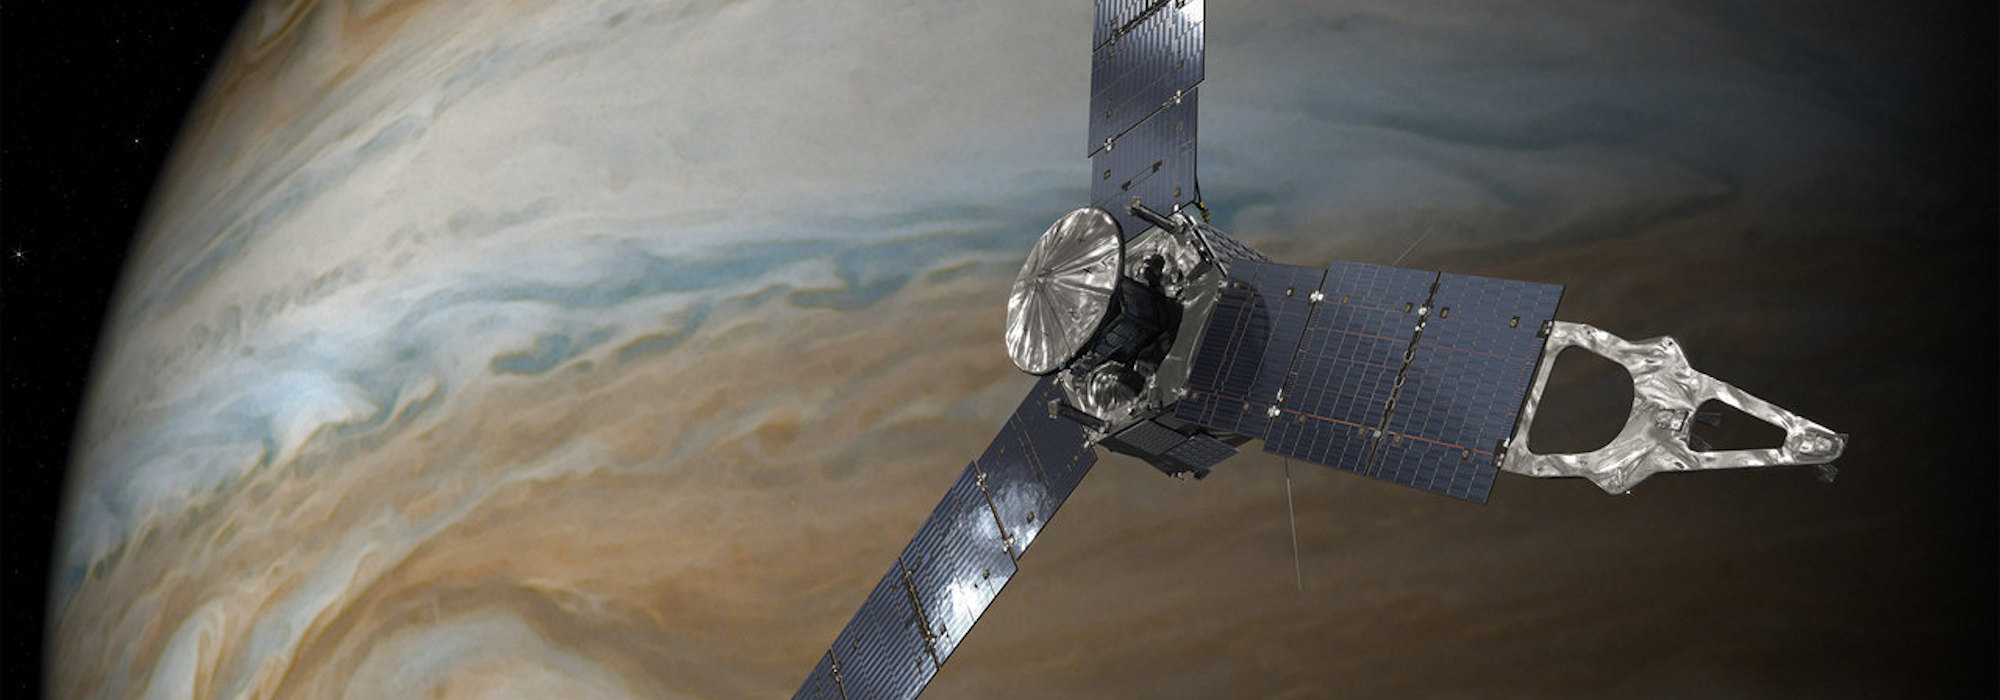 CNNTurk | Juno, Jüpiter'e Ulaştı! NASA Çalışanı Astrofizikçi Umut Yıldız Canlı Yayında Açıklıyor